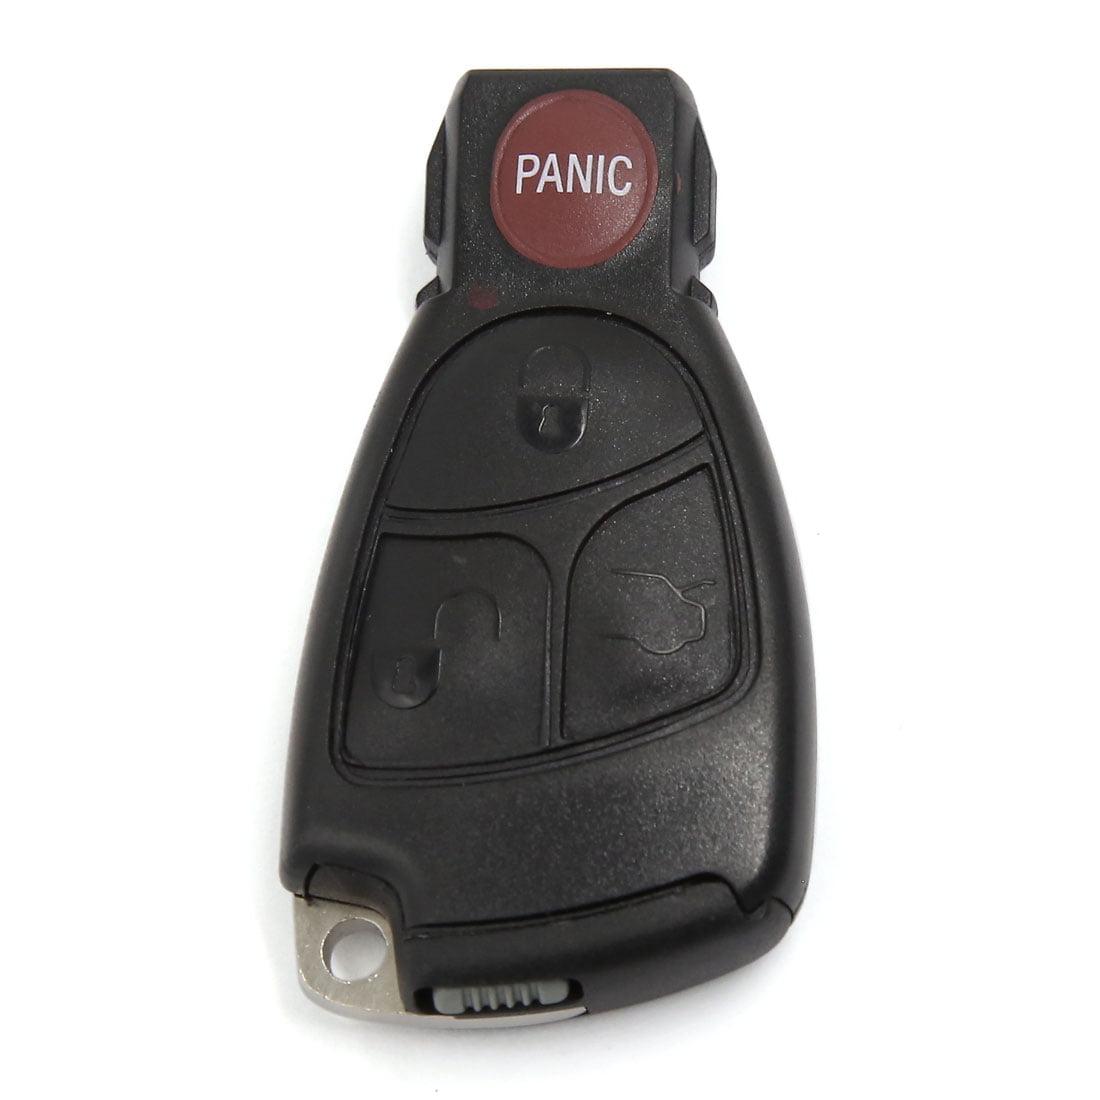 2x 4-Button Remote Car Key Fob Keyless Entry For 09-11 Mercedes Benz IYZ3317